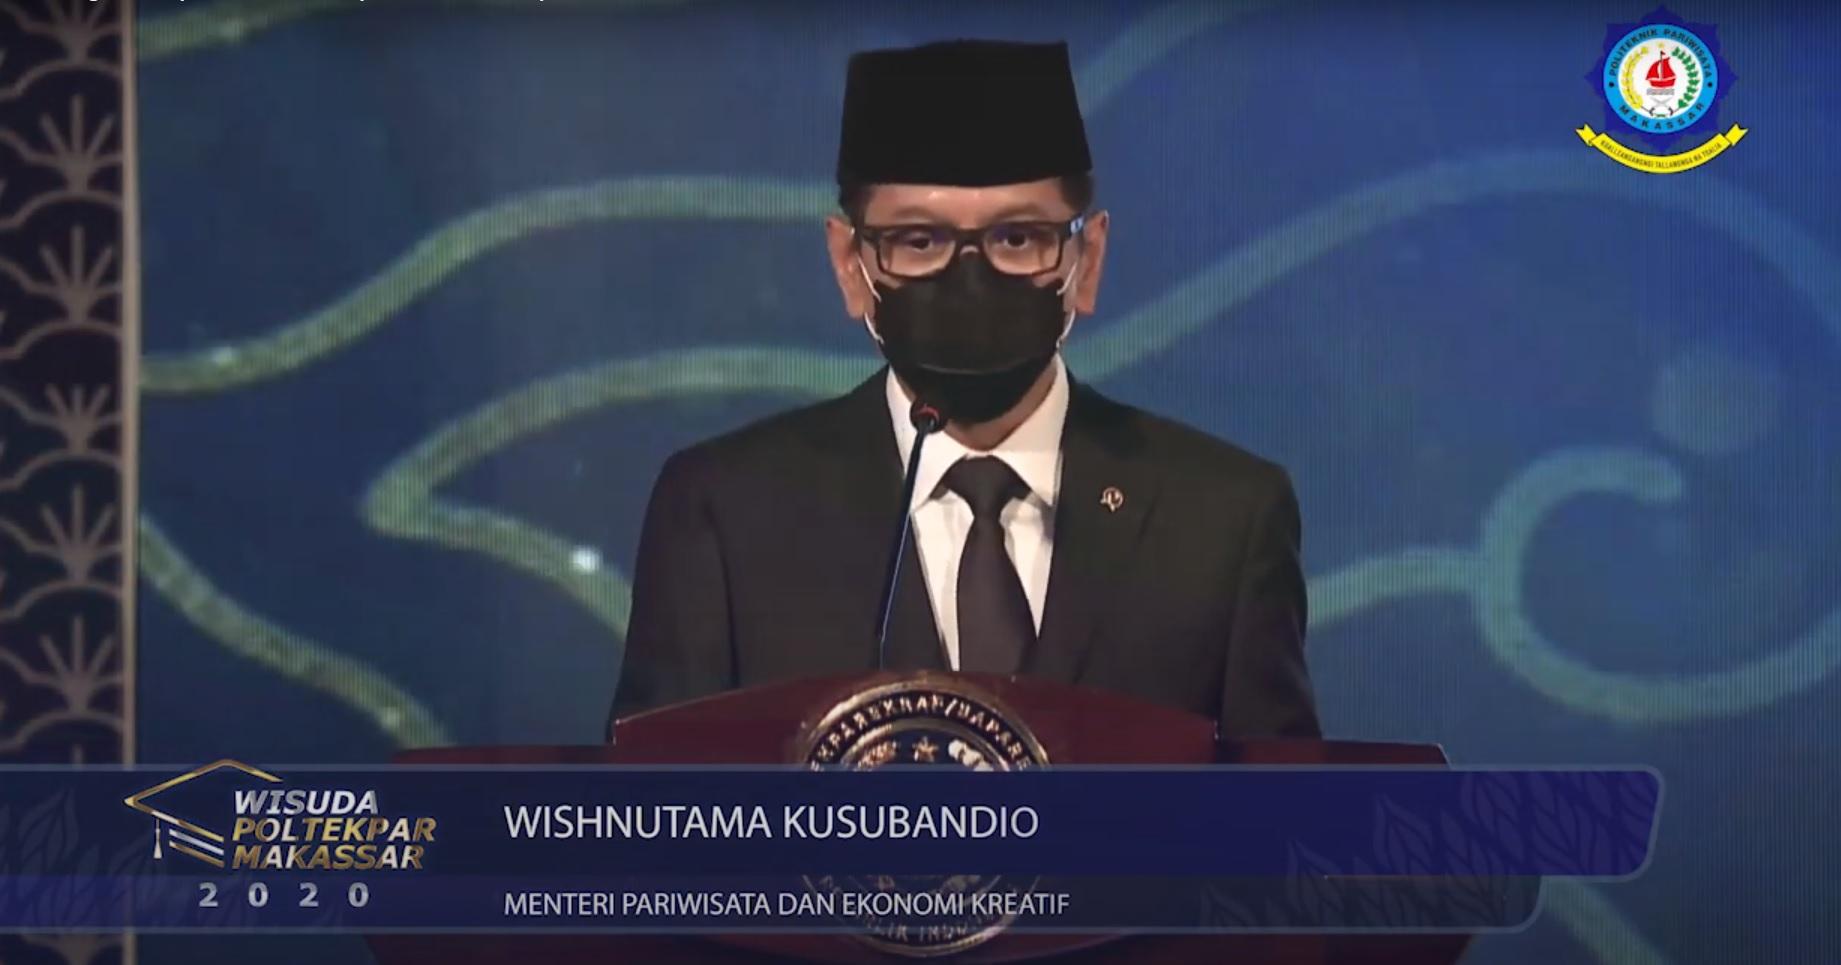 Wisuda ke-XIX Politeknik Pariwisata Makassar